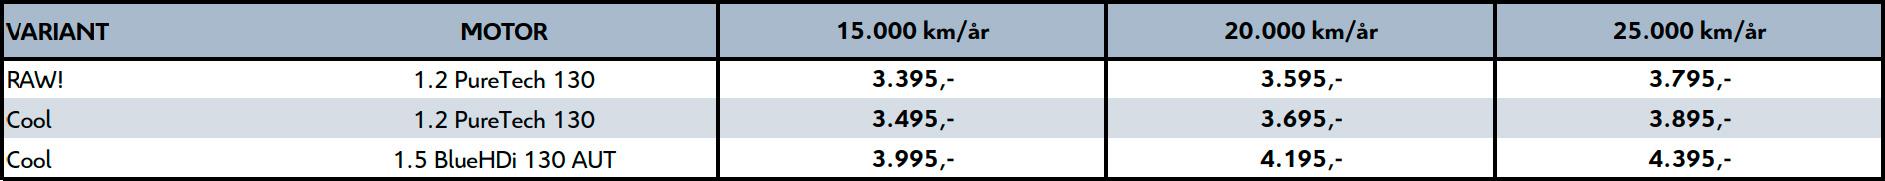 Leasing priser for C5 Aircross